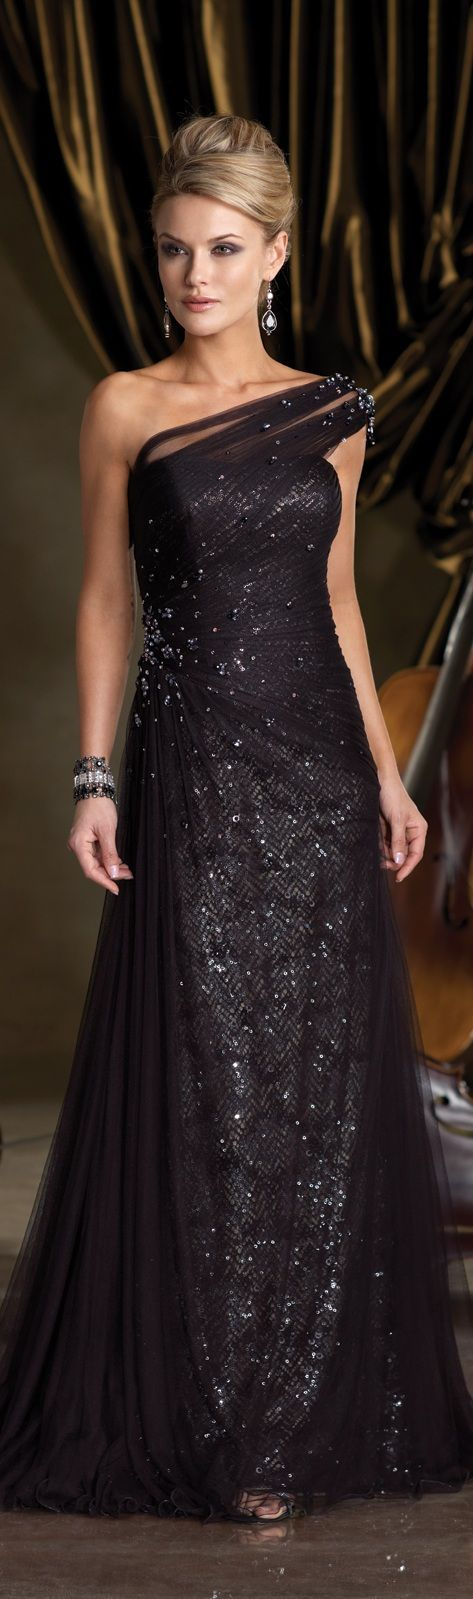 Formal Black Tie Gown   Goddess attire   Pinterest   Black tie gown ...